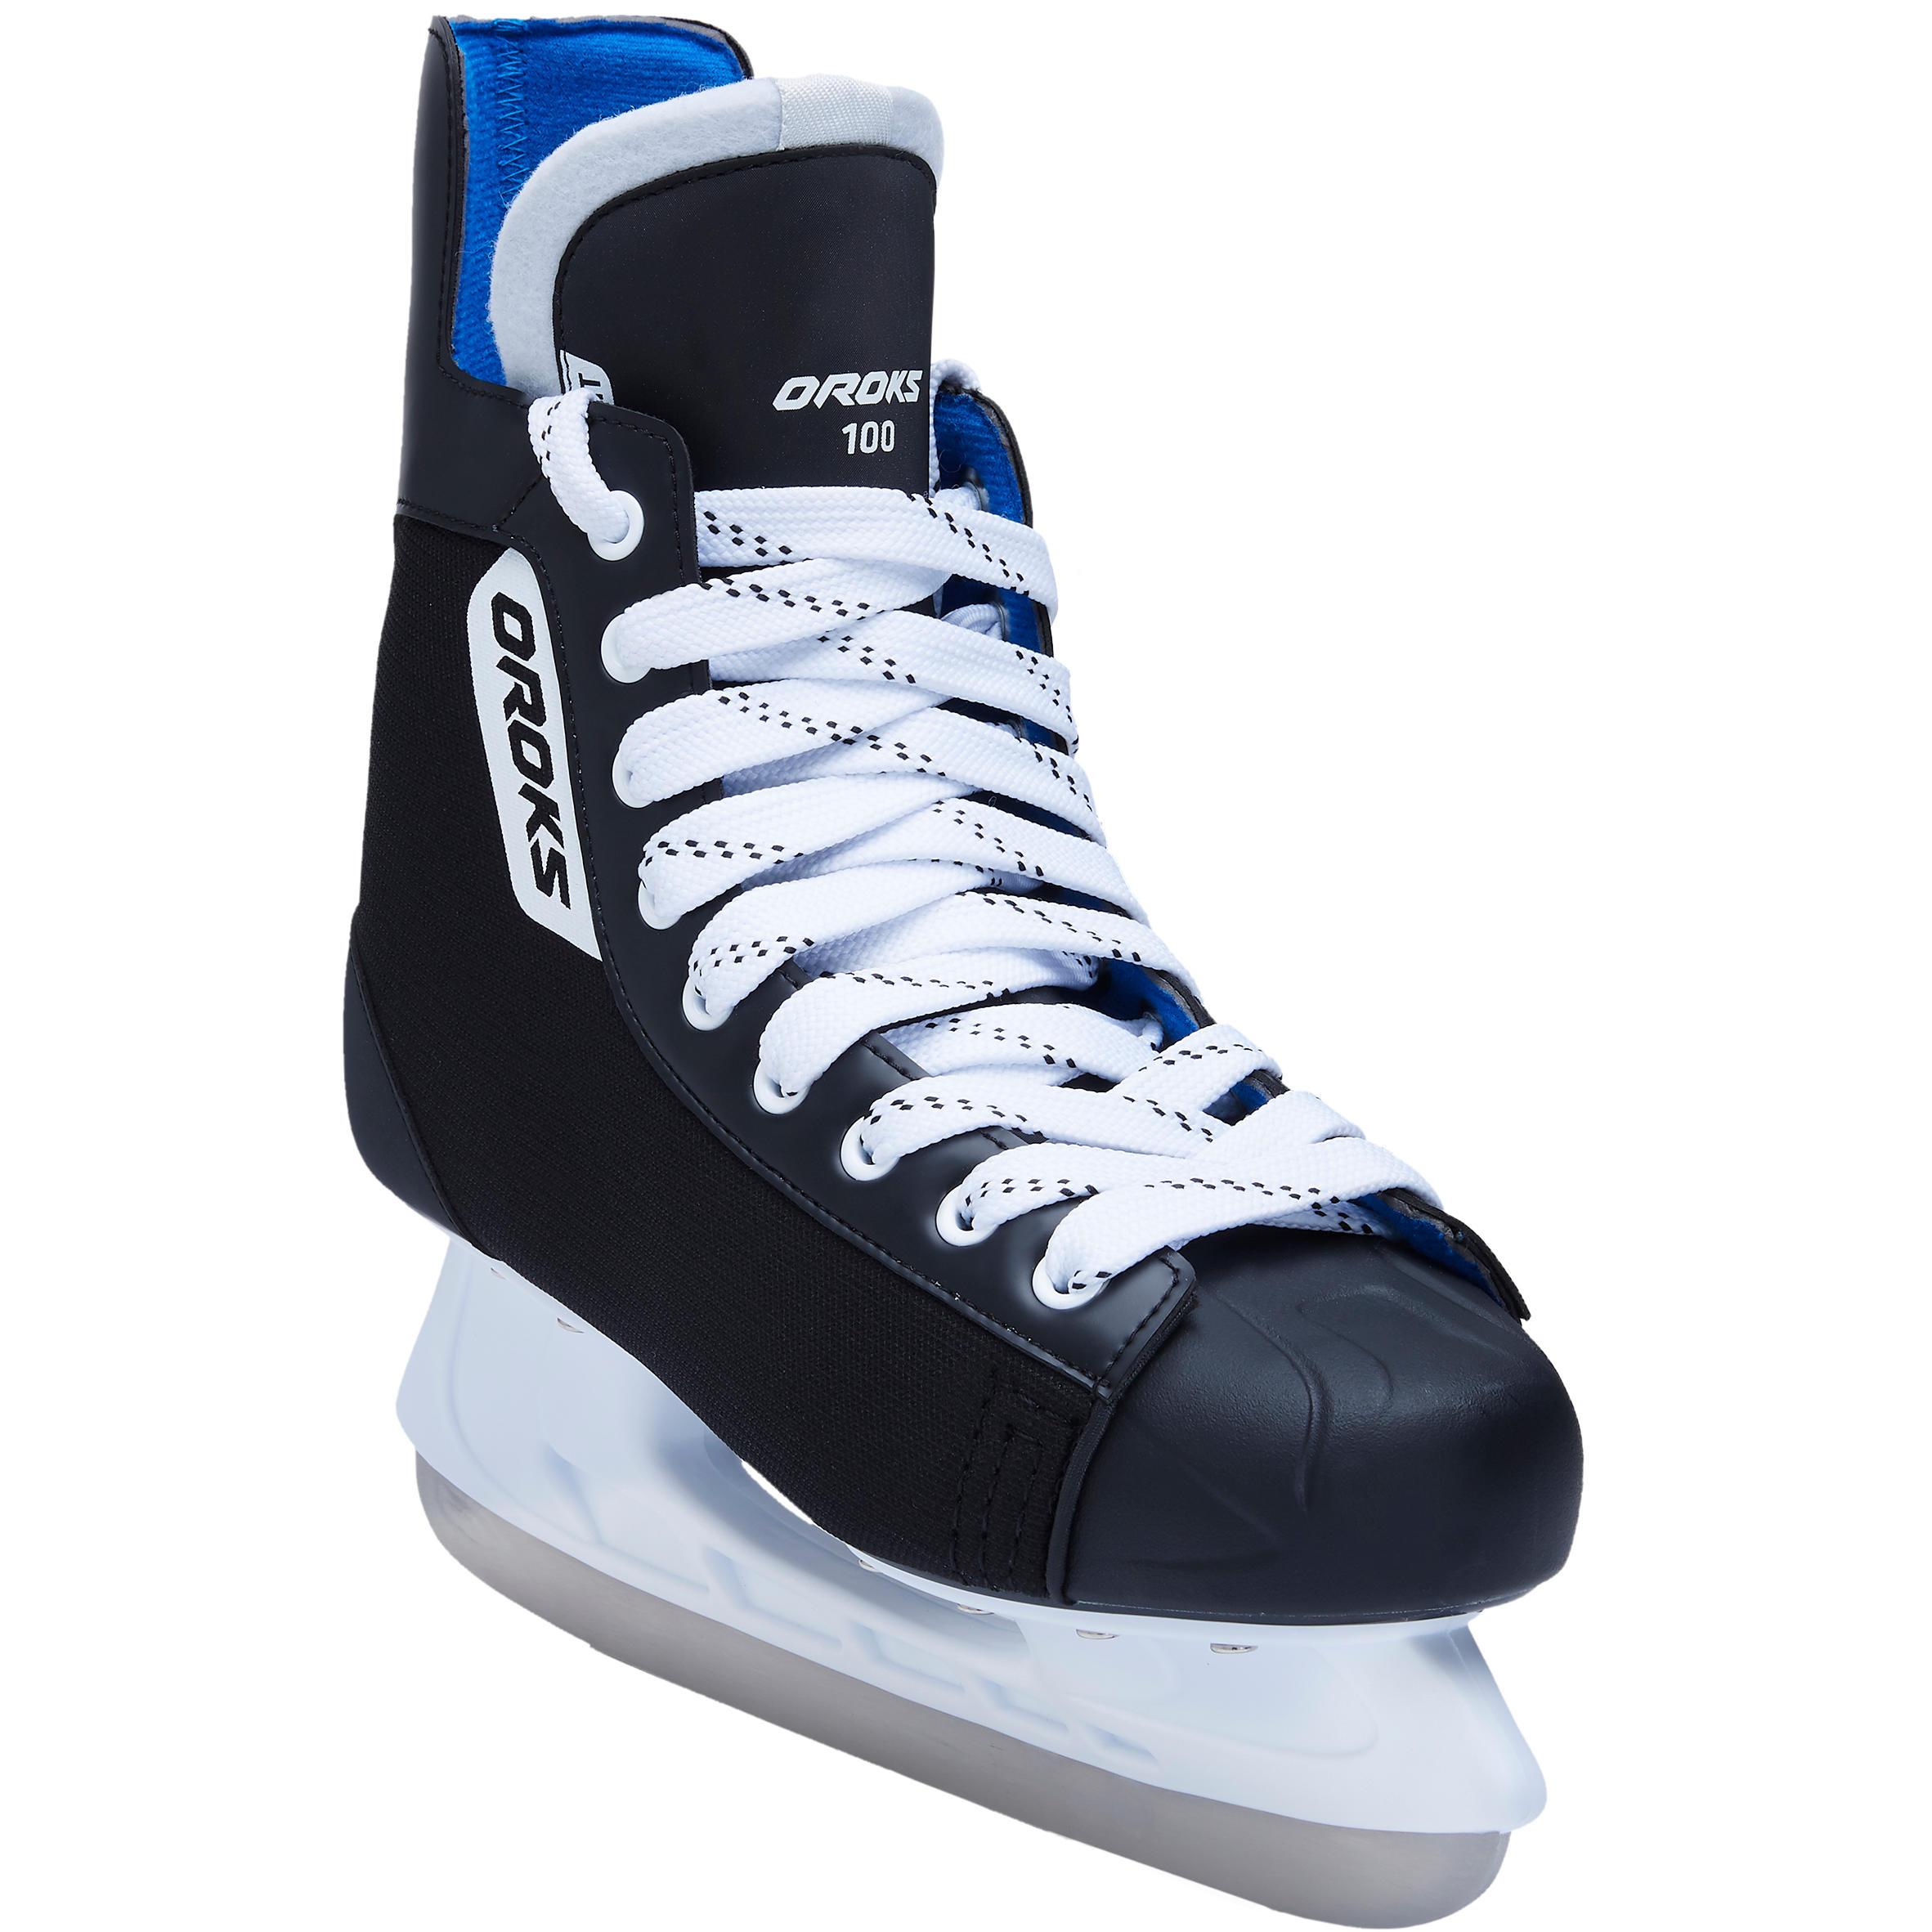 IHS100 SR Ice Hockey Skates